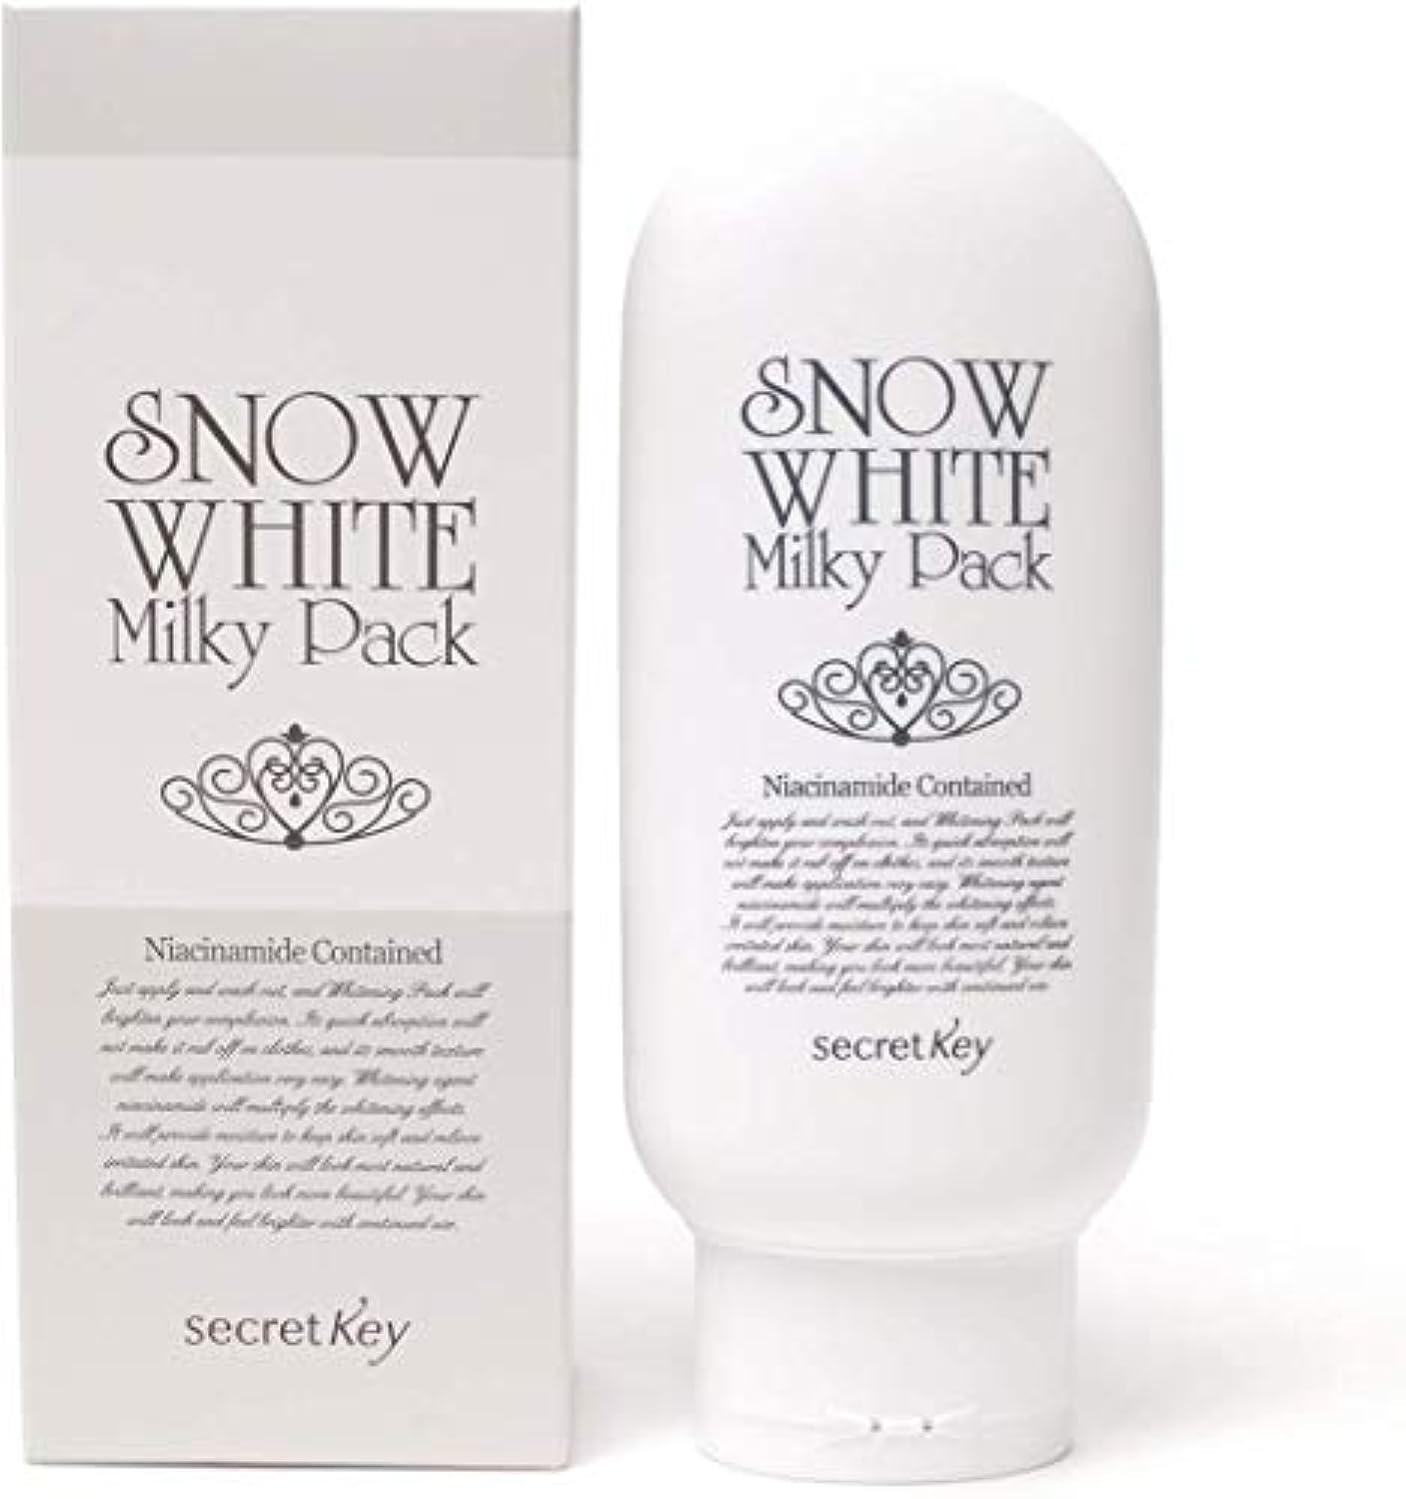 大宇宙匿名登録するSecret key シークレッドキー スノー?ホワイト?ミルキー?パック 200g (Snow White Milky Pack) 海外直送品 -3 Packs